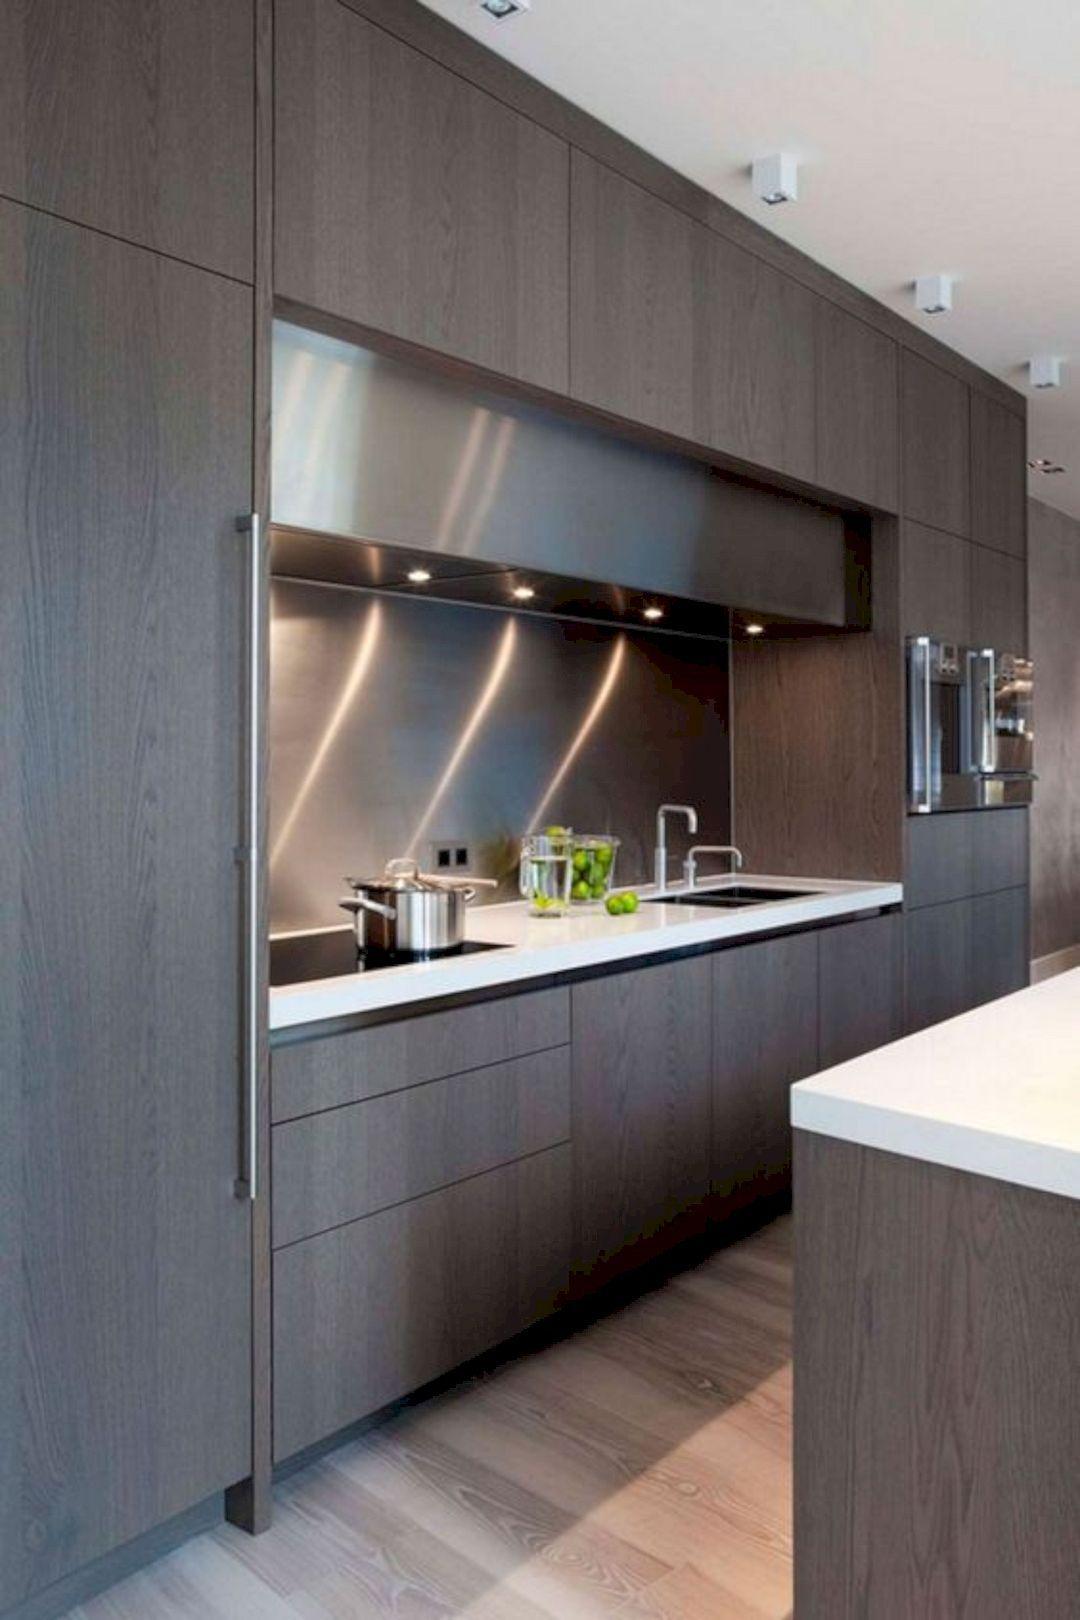 5 Awesome Modern Interior Design Ideas Modern Kitchen Cabinet Design Contemporary Kitchen Design Modern Kitchen